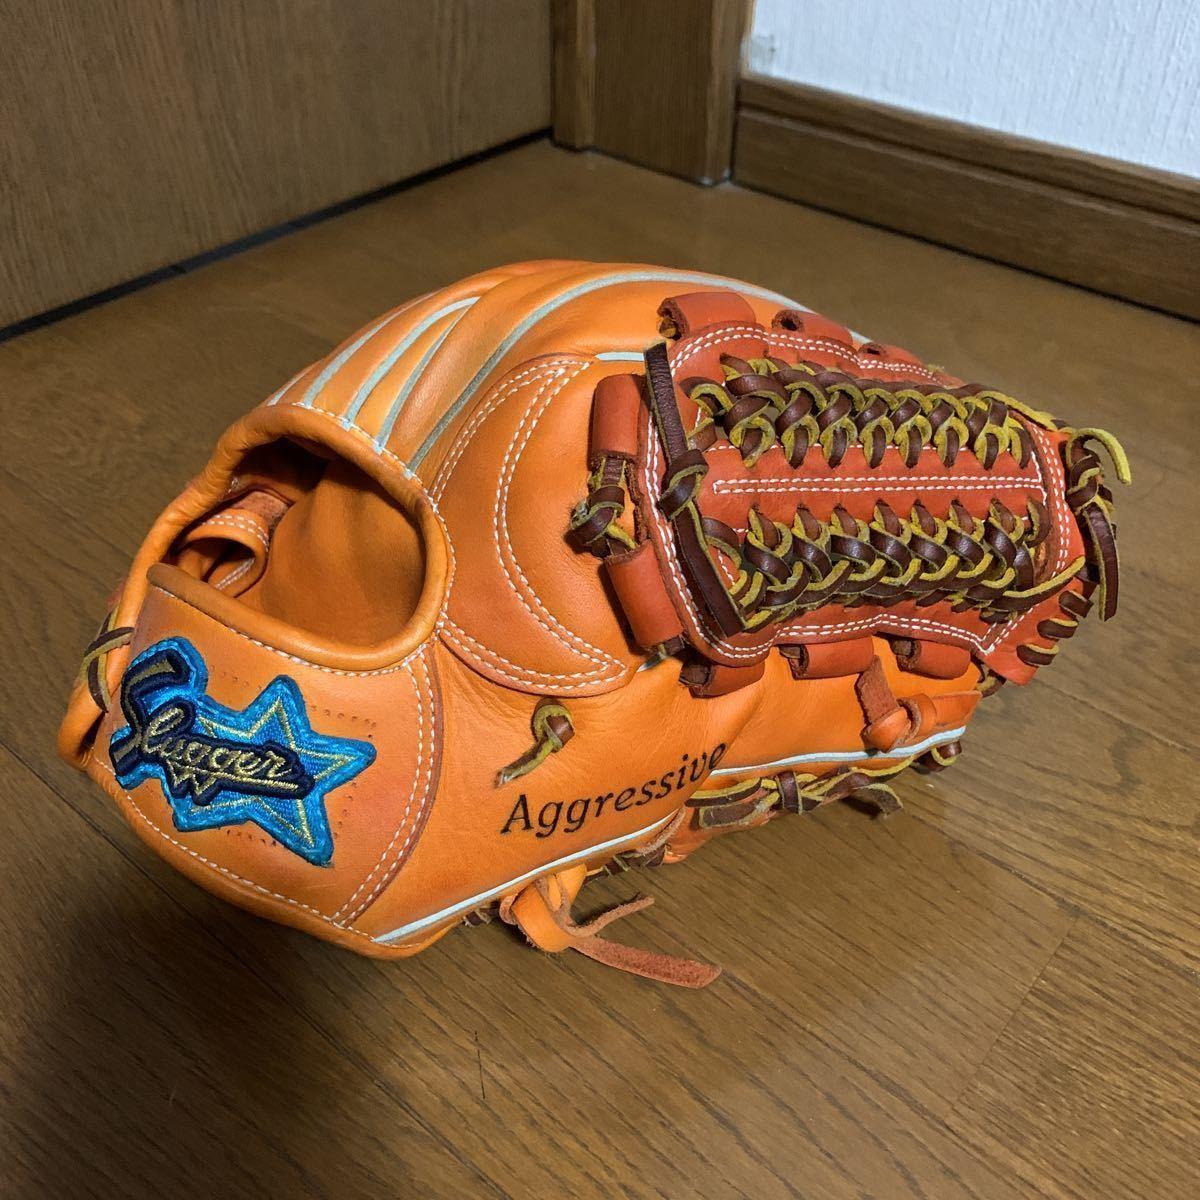 久保田スラッガー KSN-MS-1 オレンジ スラッガー東京支店で型付け済、ラベル交換済 (リストバンドのおまけ付き) 軟式内野手投手用